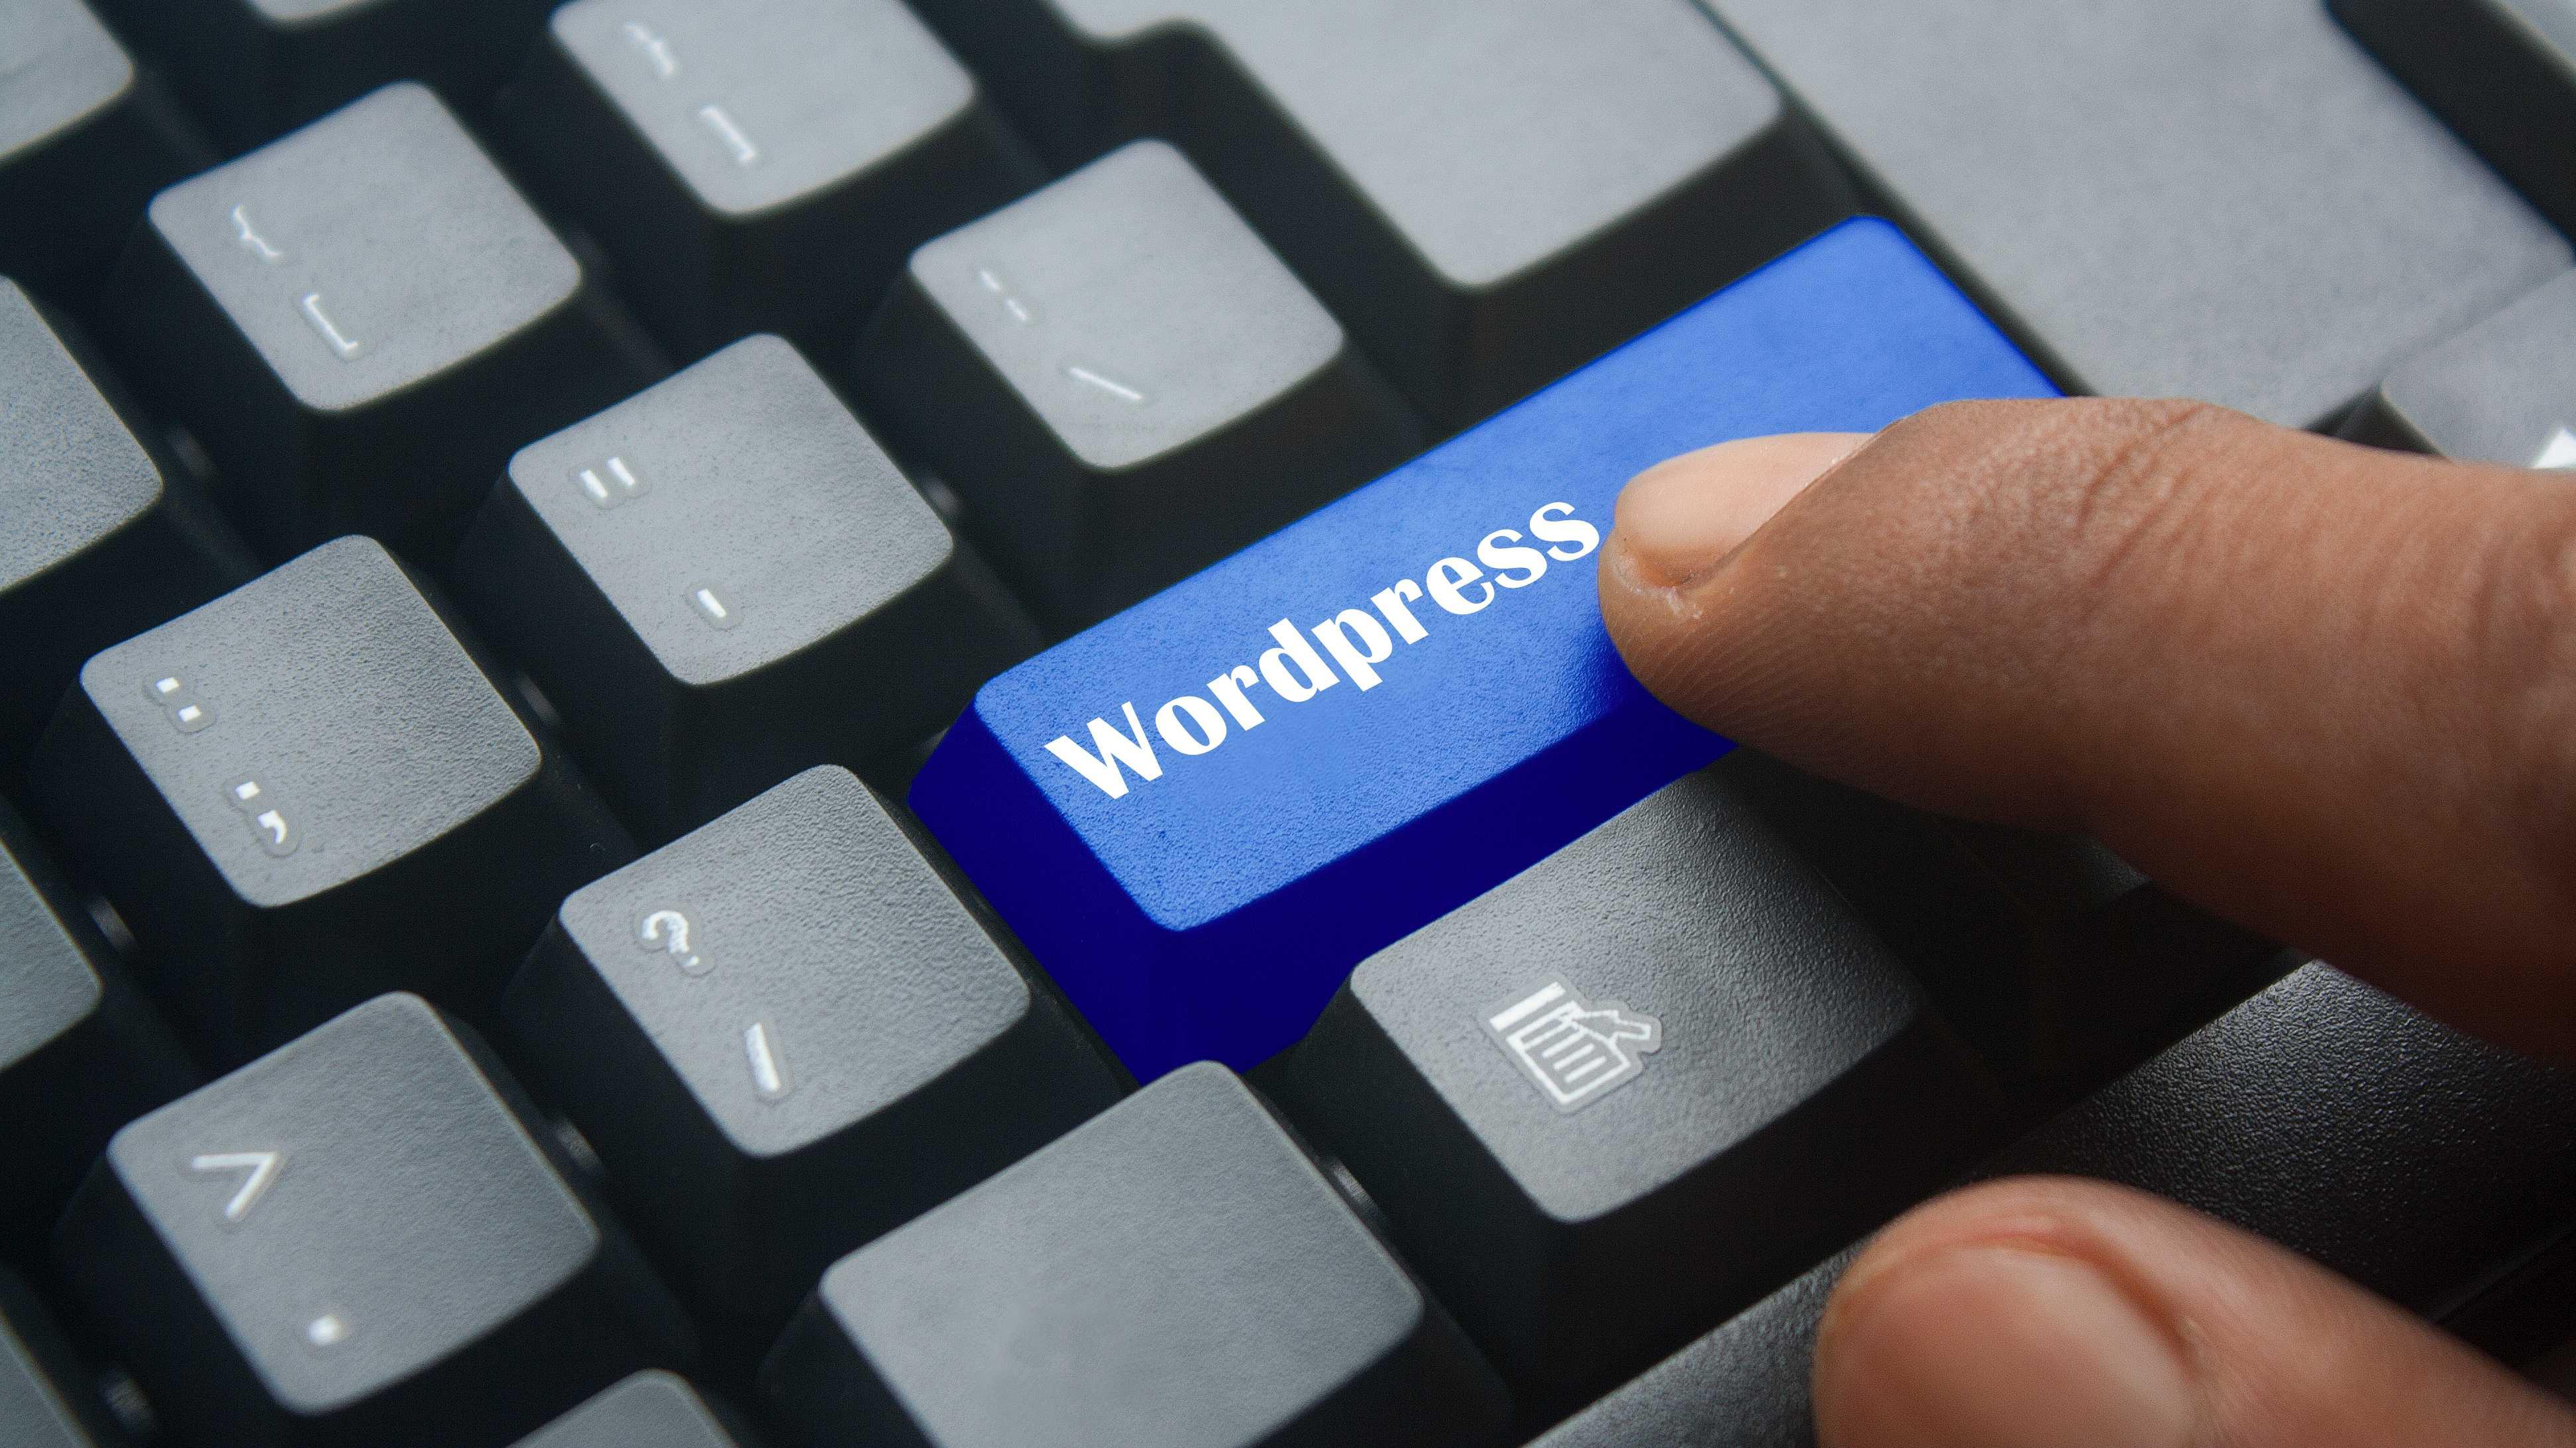 WordPress-Plugins ThemeGrill Demo Importer & ThemeREX Addons weisen Lücken auf